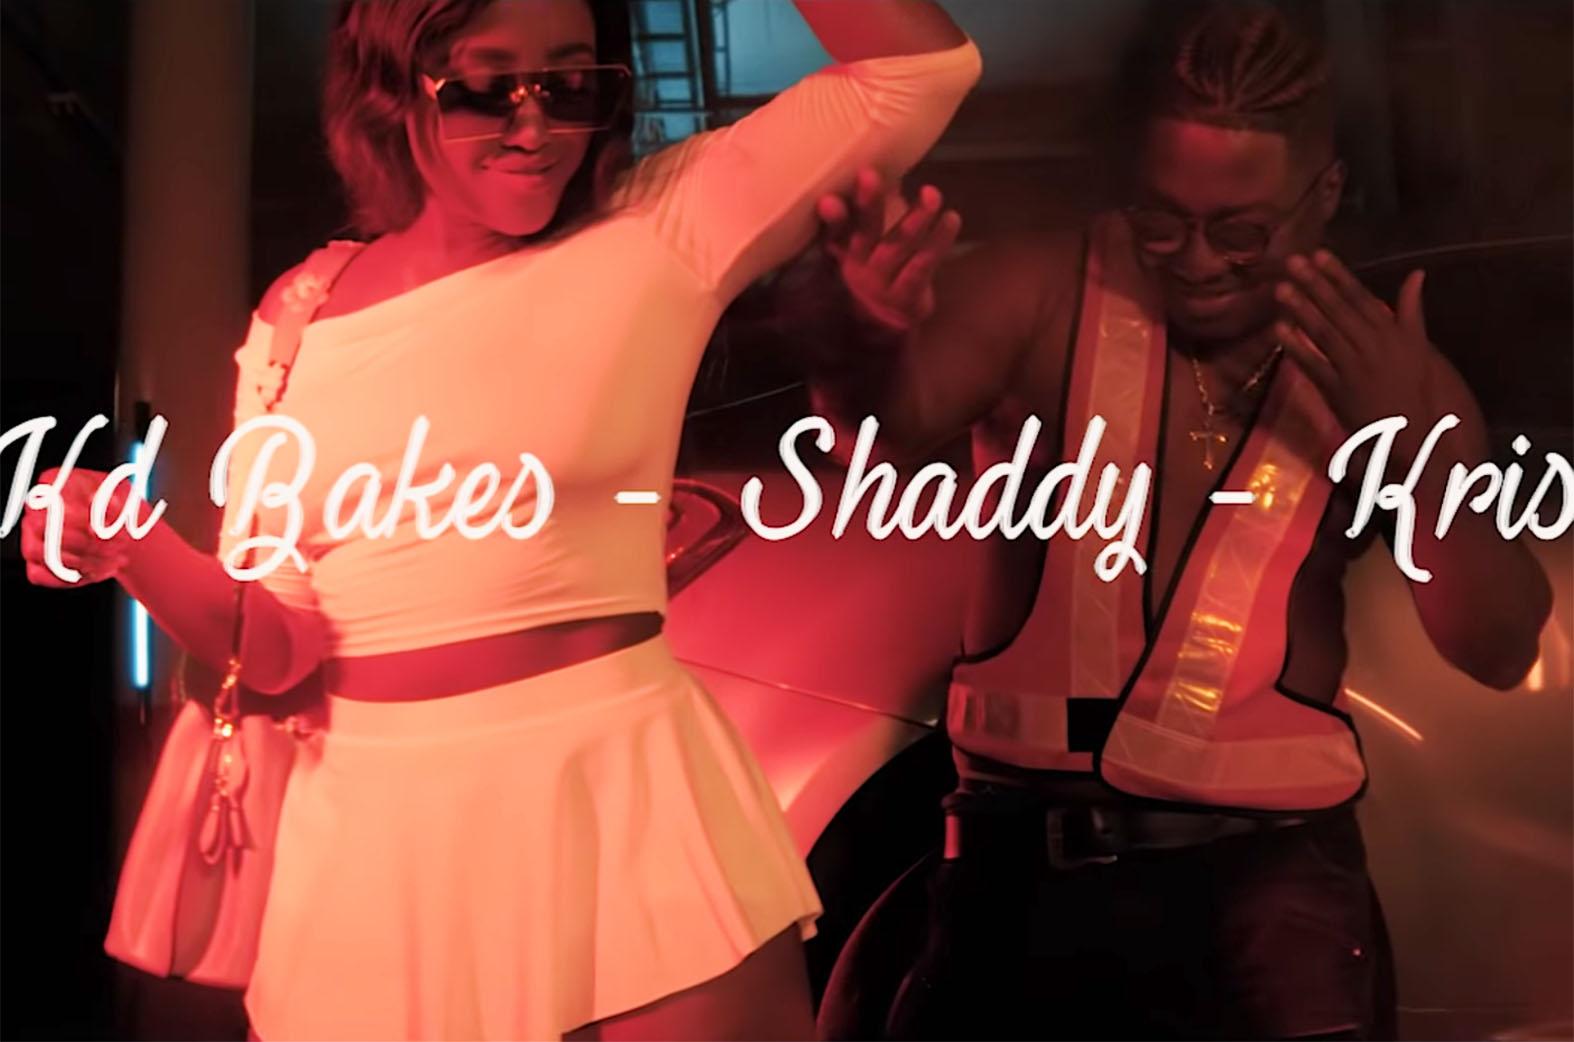 Make Sense by Kd Bakes feat. Shaddy & Kris J